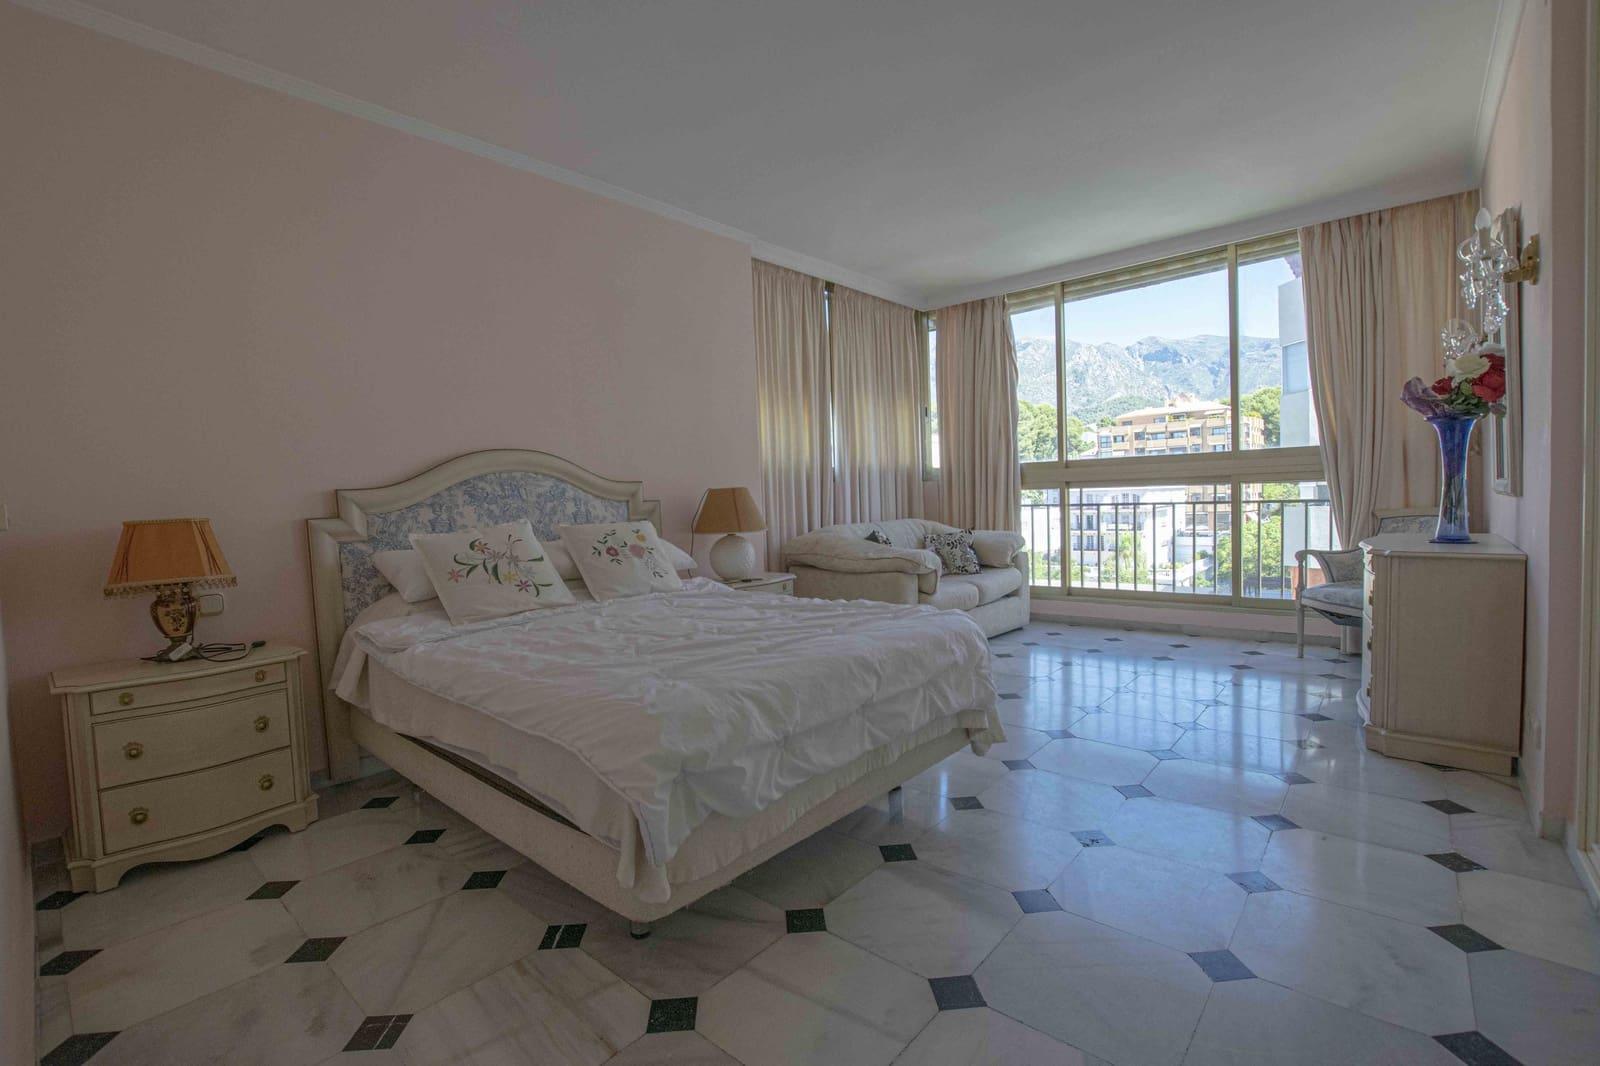 1 sovrum Lägenhet att hyra i Marbella med garage - 850 € (Ref: 5354606)